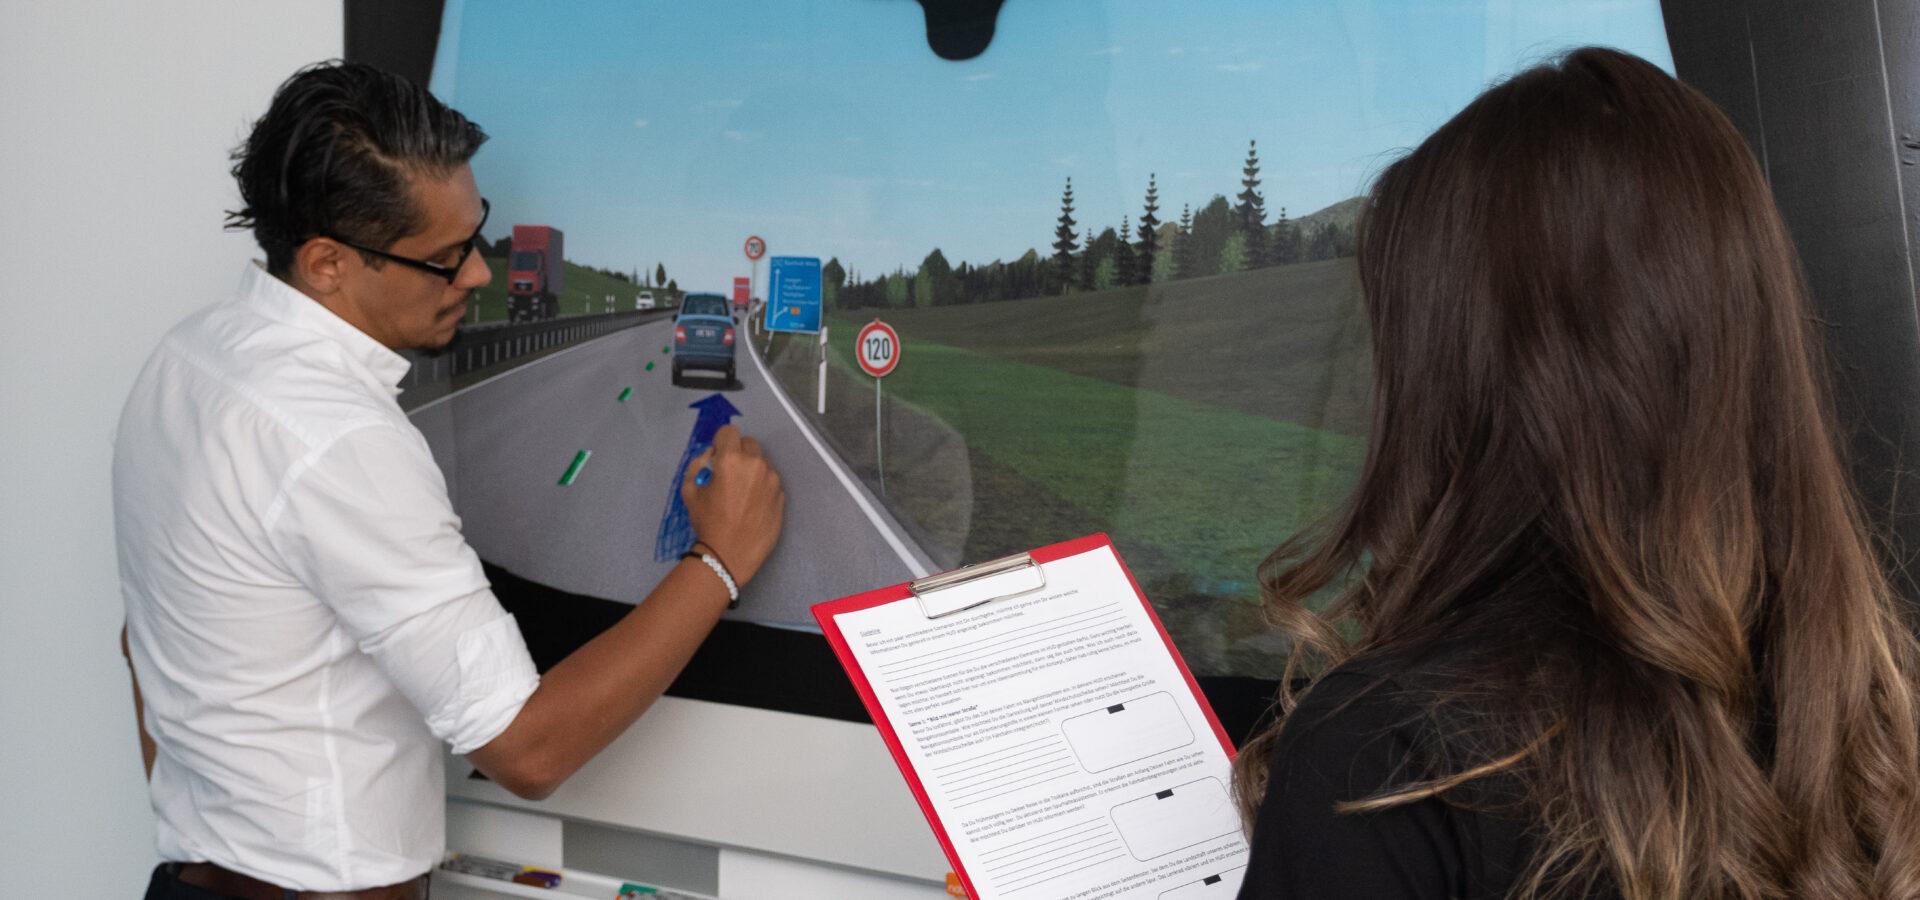 Proband gestaltet sein eigenes Head-up-Display im Rahmen der Design Thinking Studie